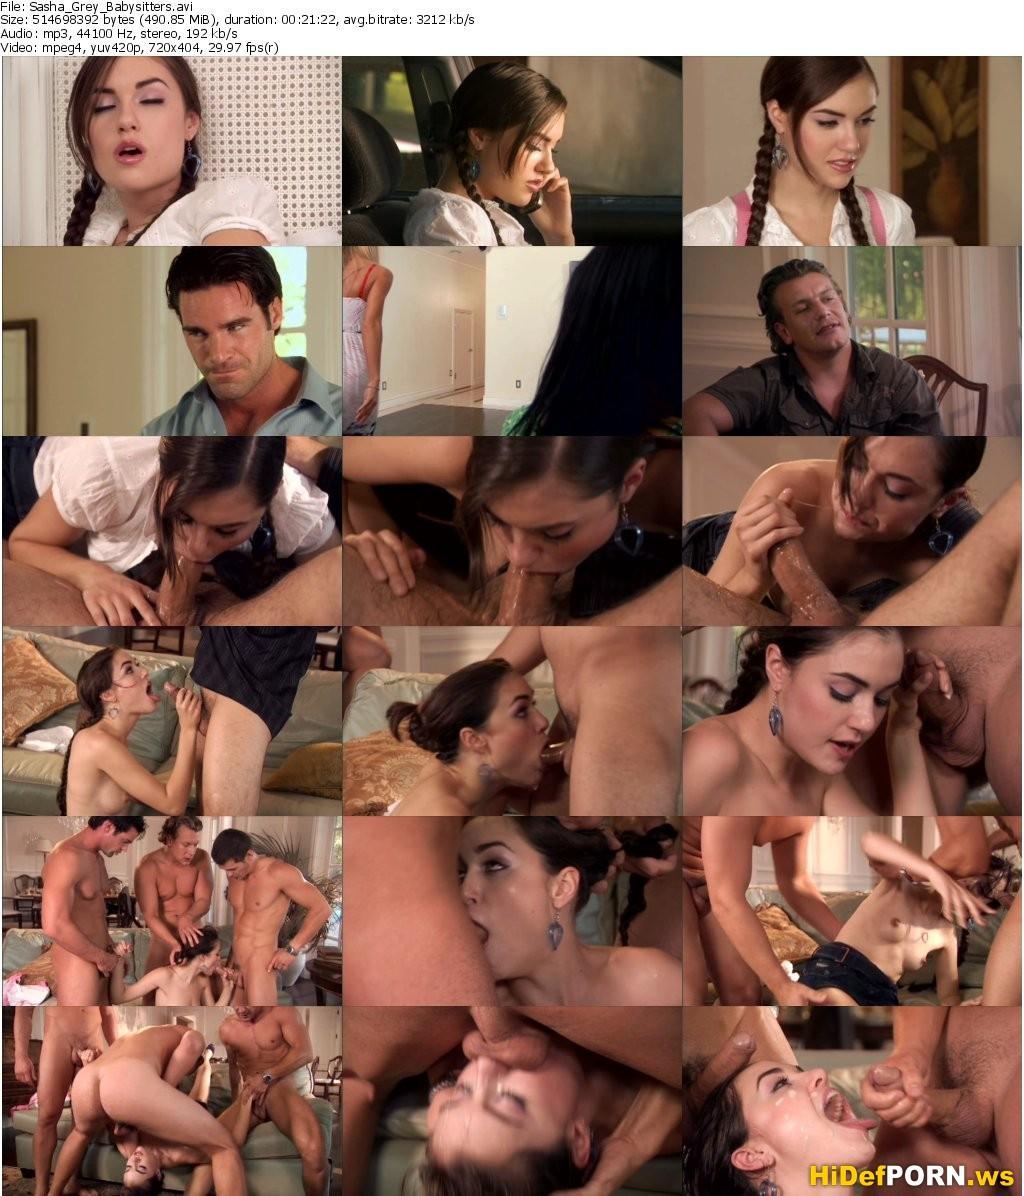 Саша грей биография порно 6 фотография